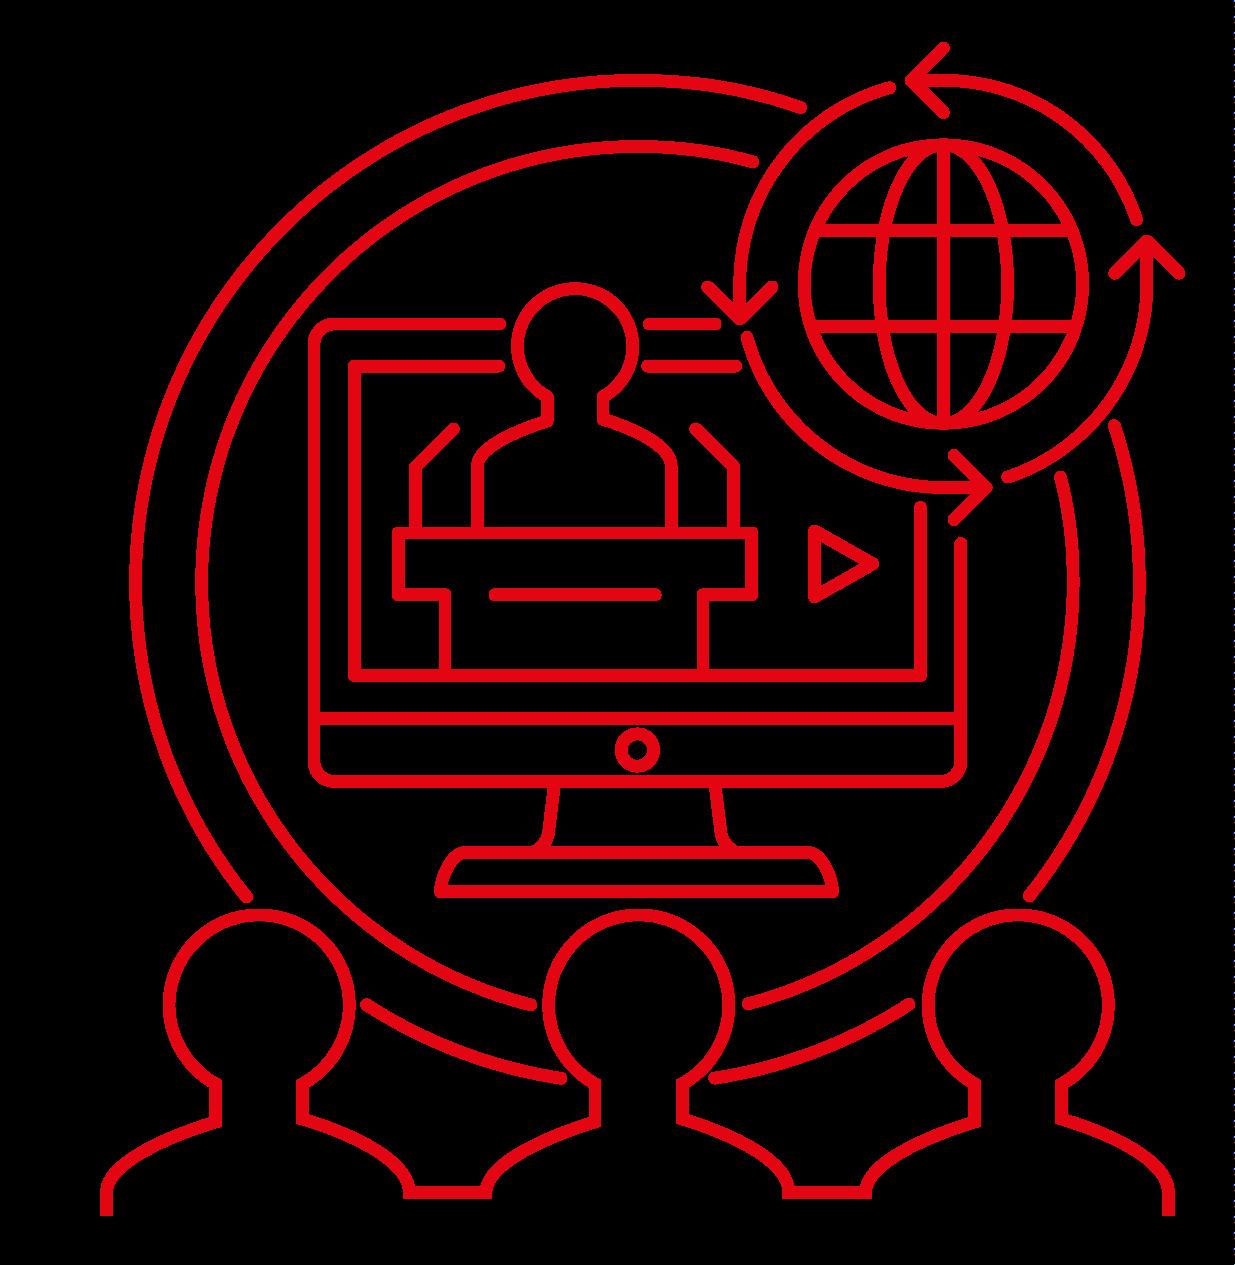 kat-kreativwirtschaftswebinar-2018-sujet-klein